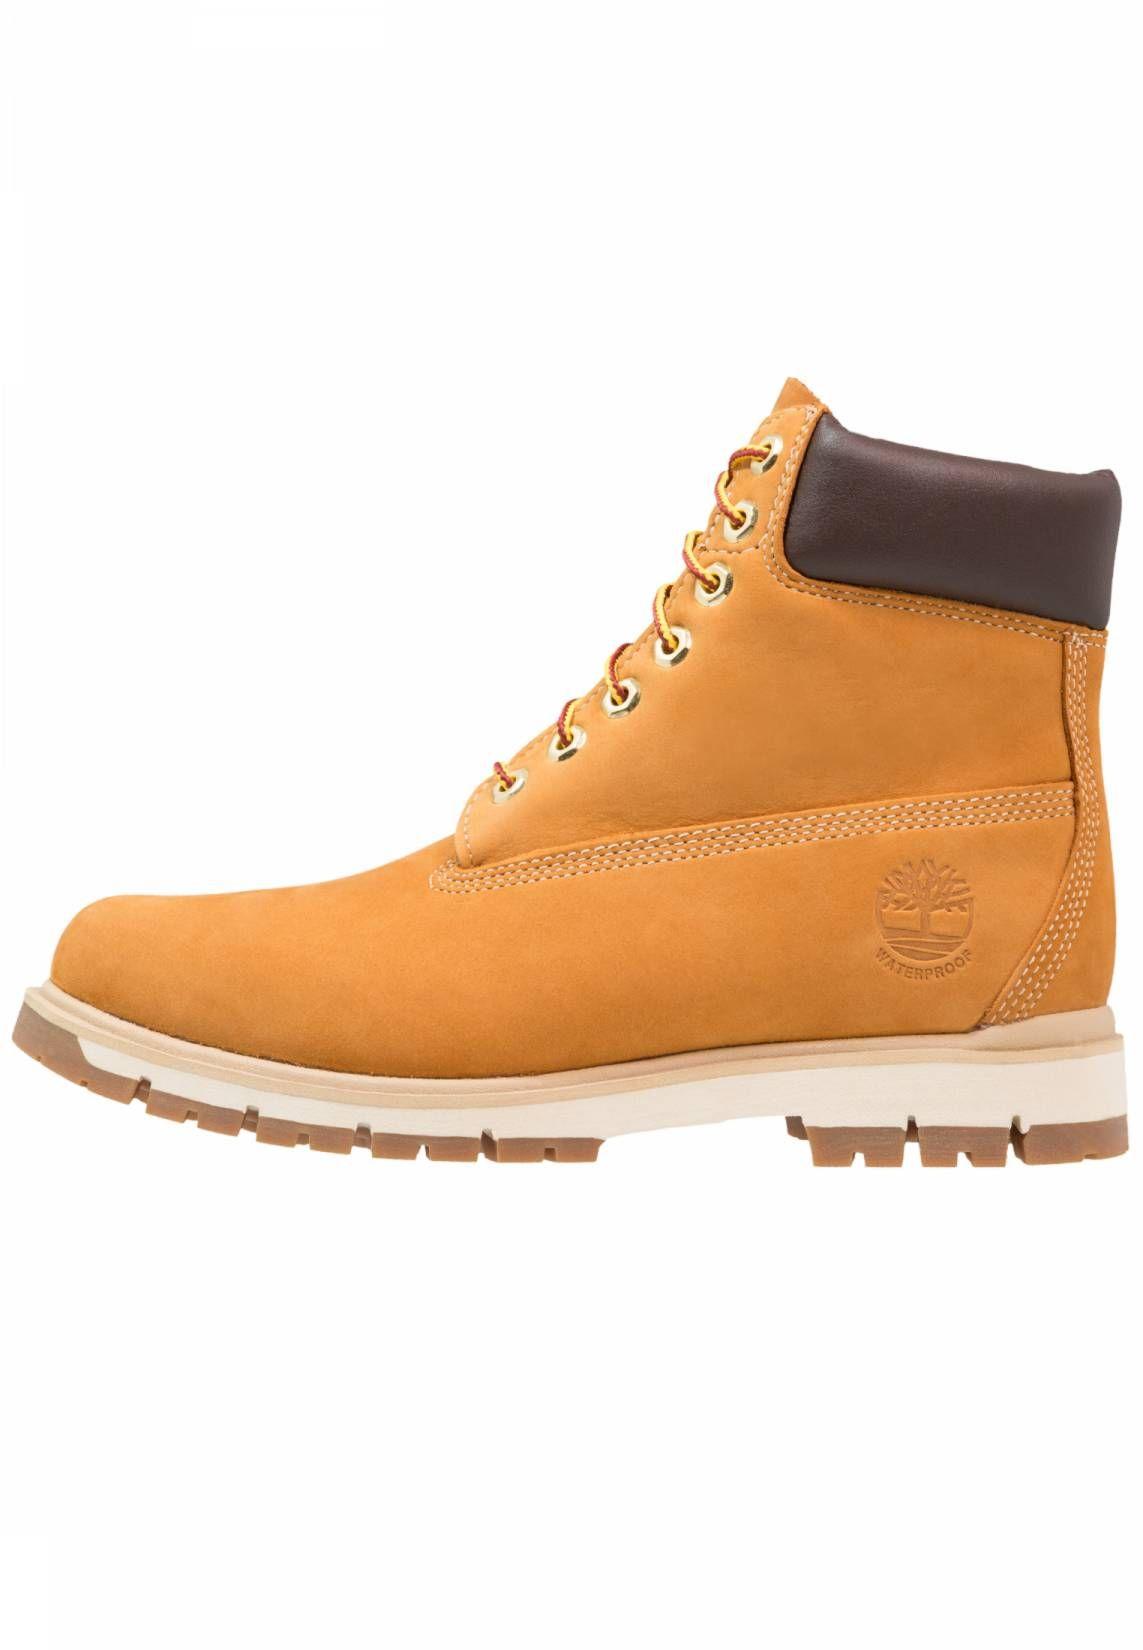 6 I Zalando Boot In Con Wheat Wp Stivaletti Lacci Radford